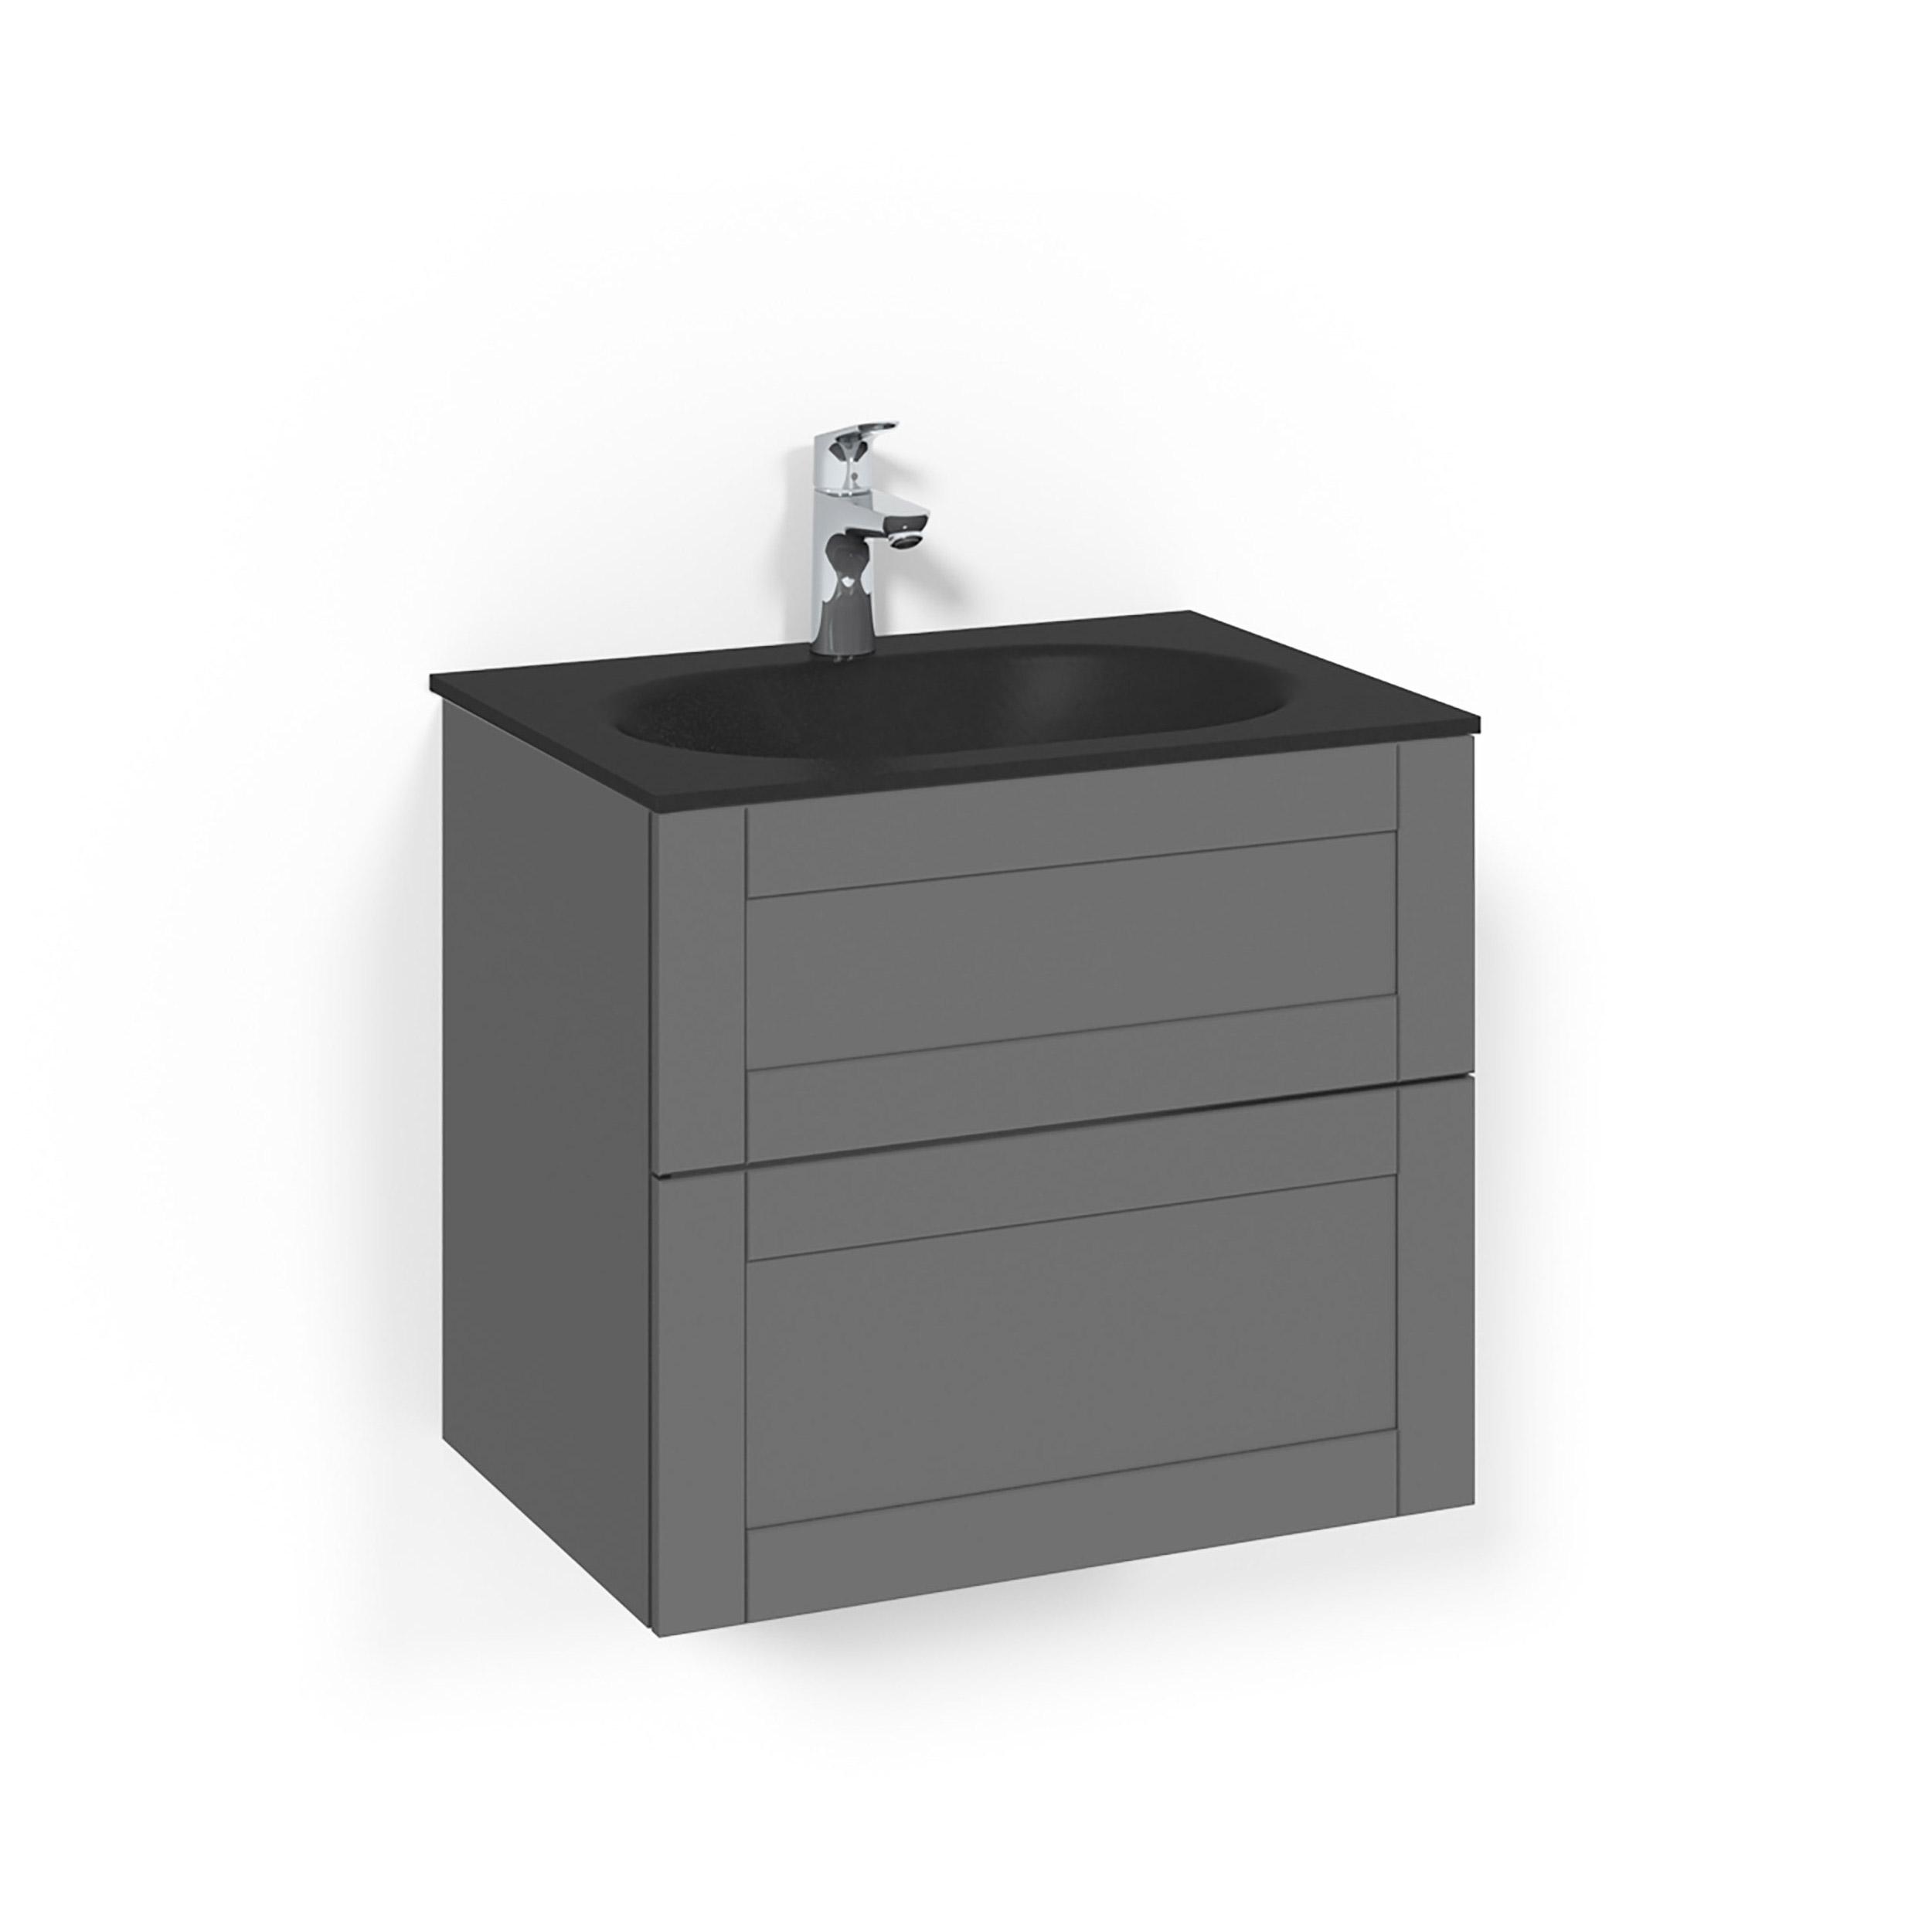 Tvättställsskåp Macro Design Crown Frame Med Glastvättställ